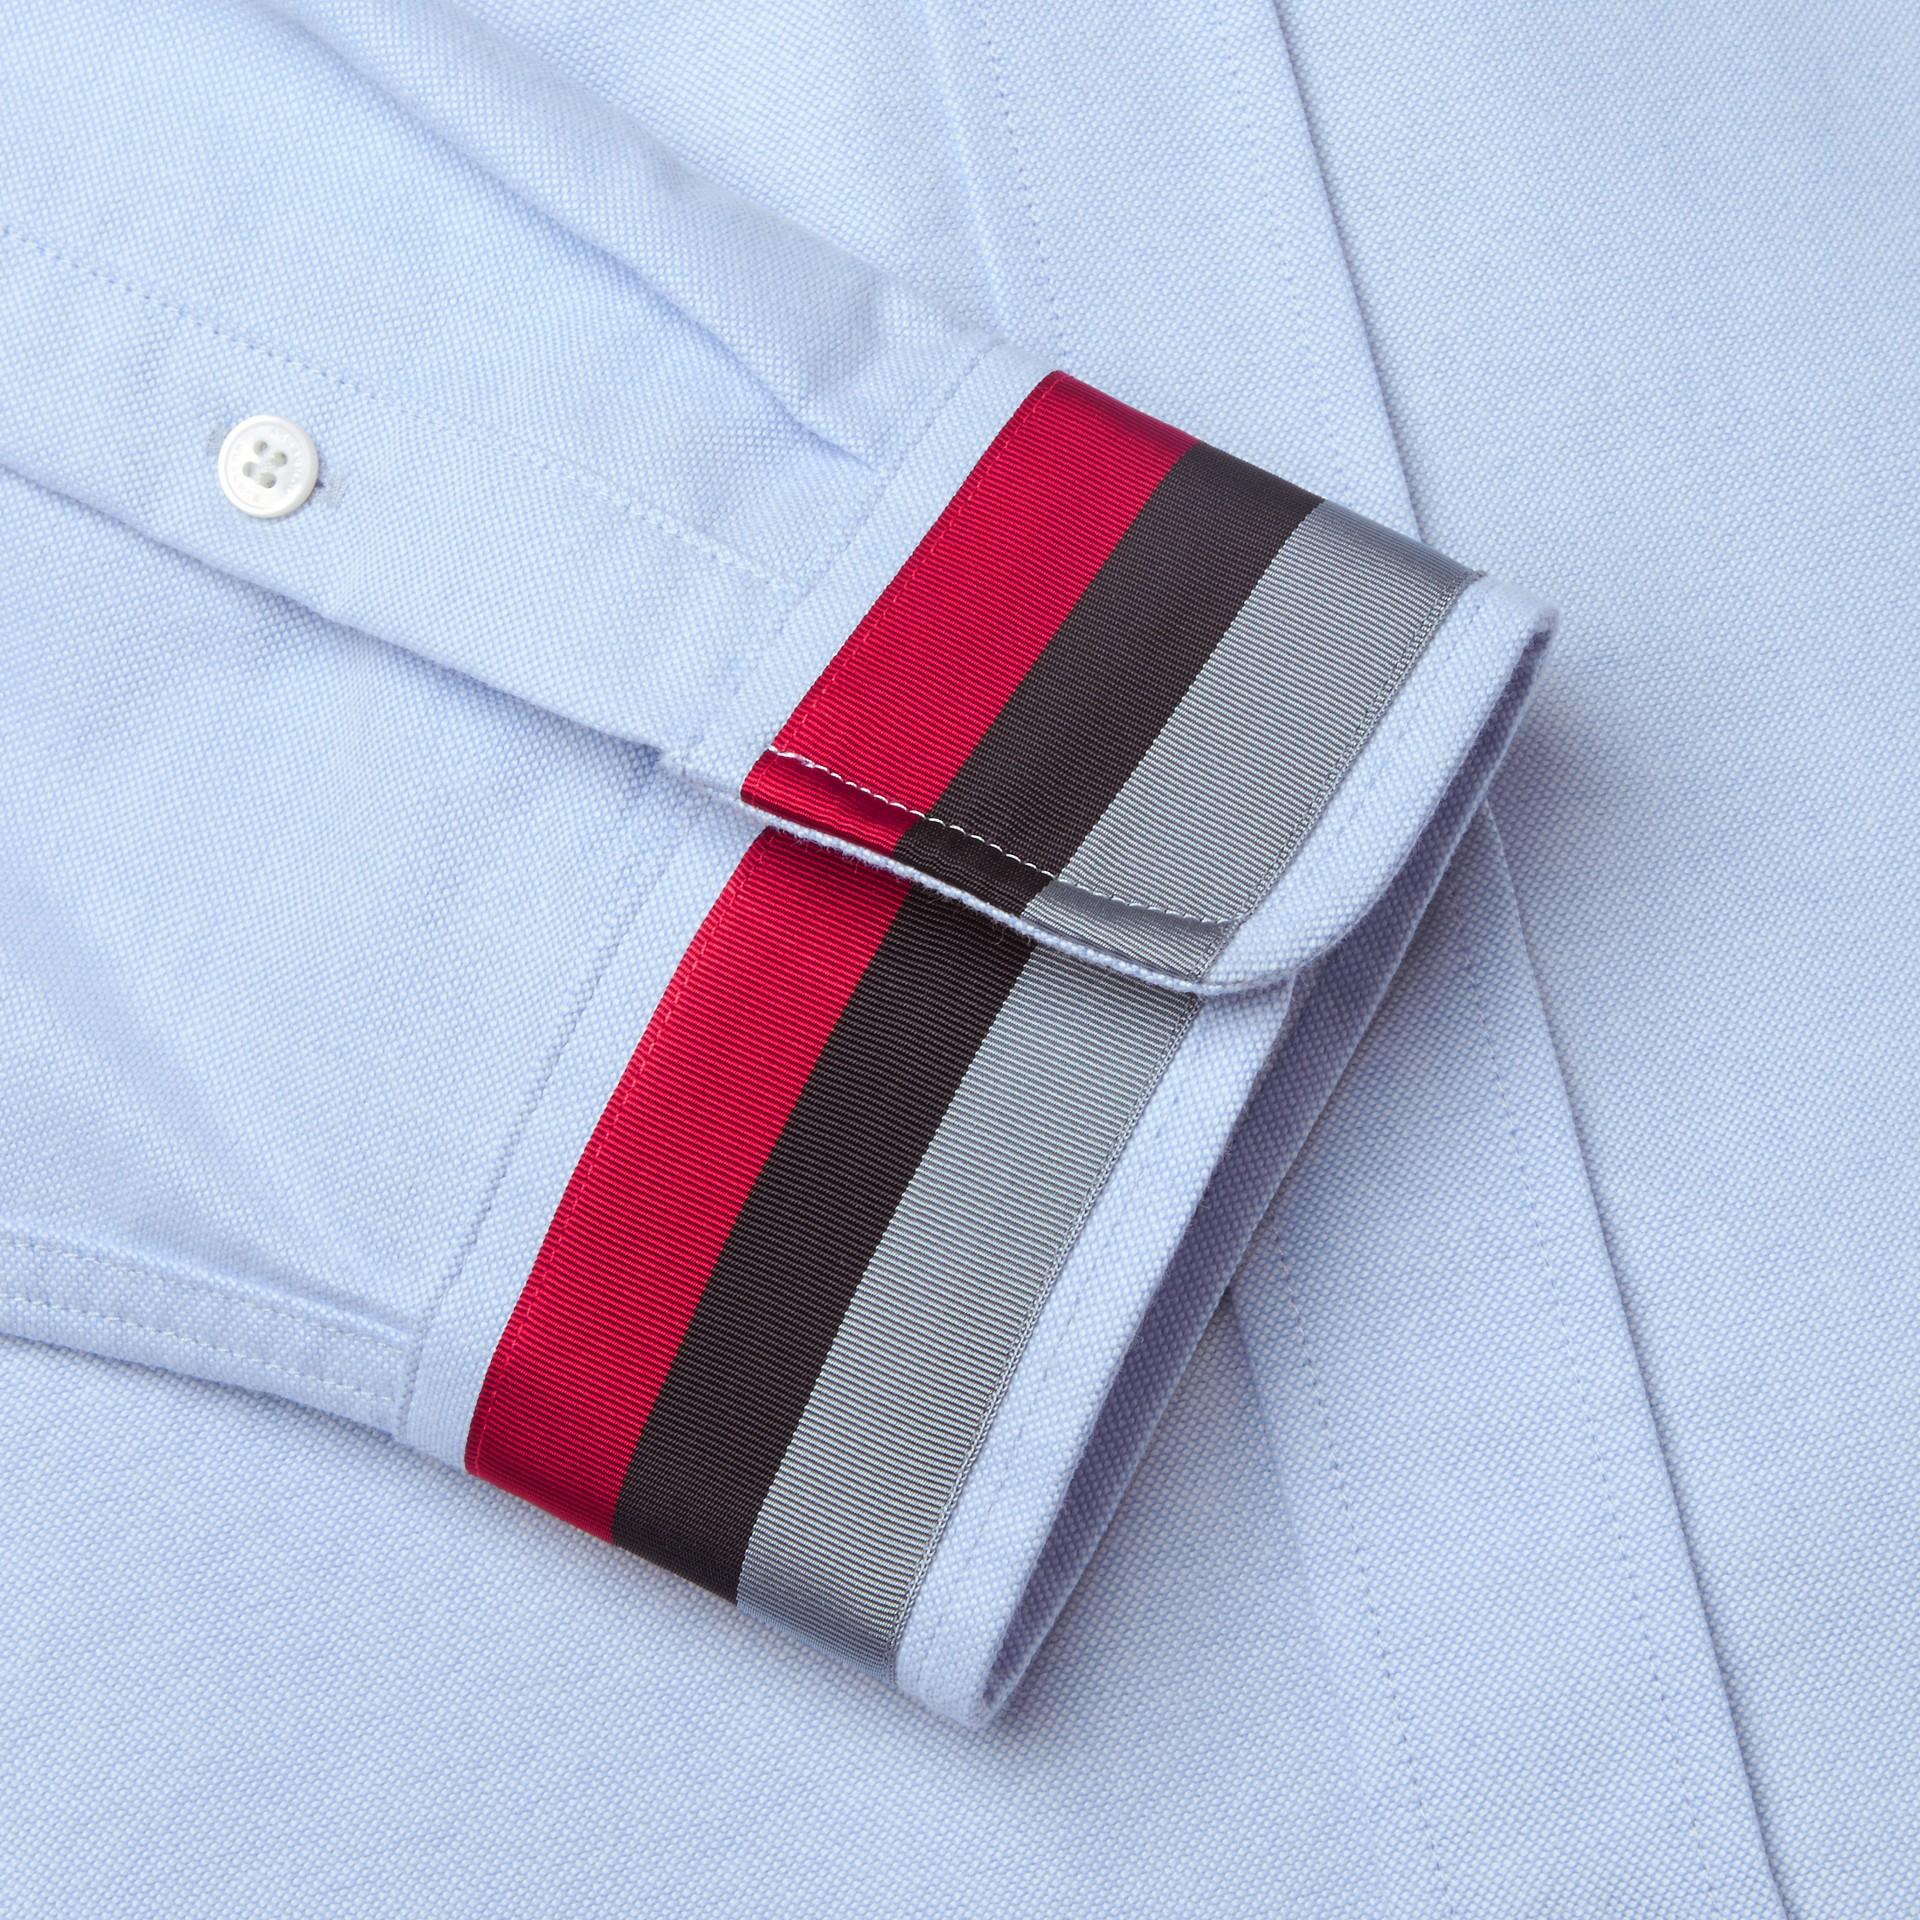 Oxford Cotton Shirt with Regimental Cuff Detail Cornflower Blue - gallery image 2